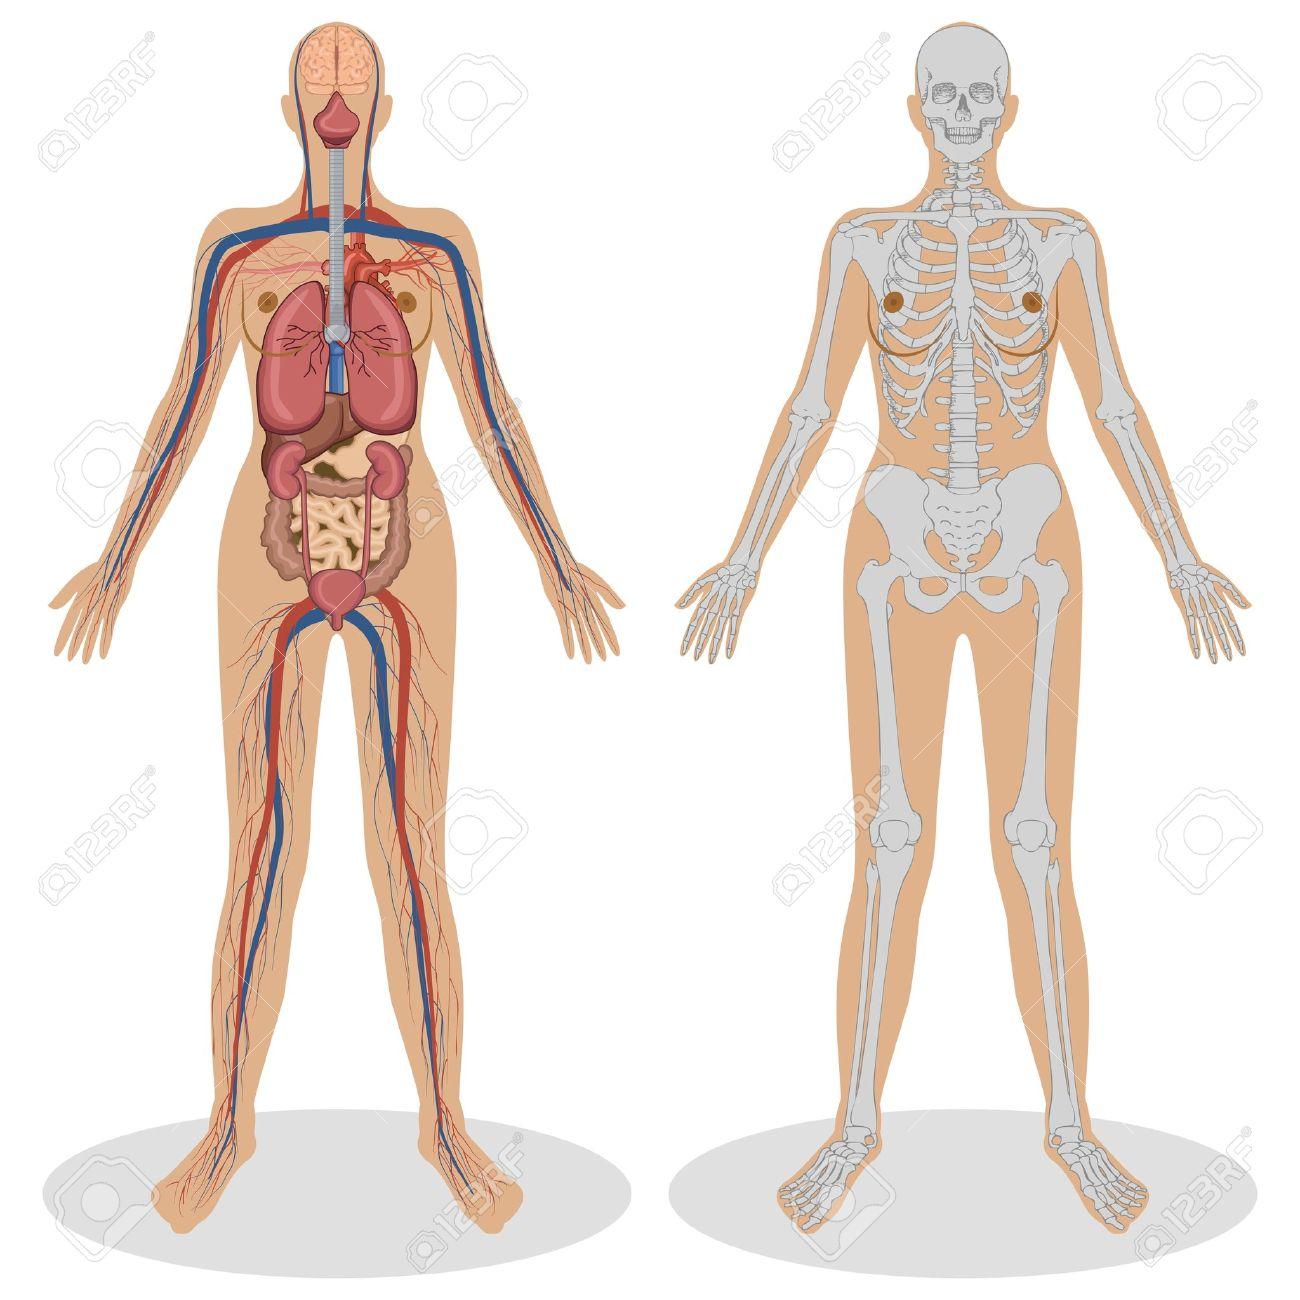 白い背景の上の女性の人体解剖学のイラスト ロイヤリティフリークリップ